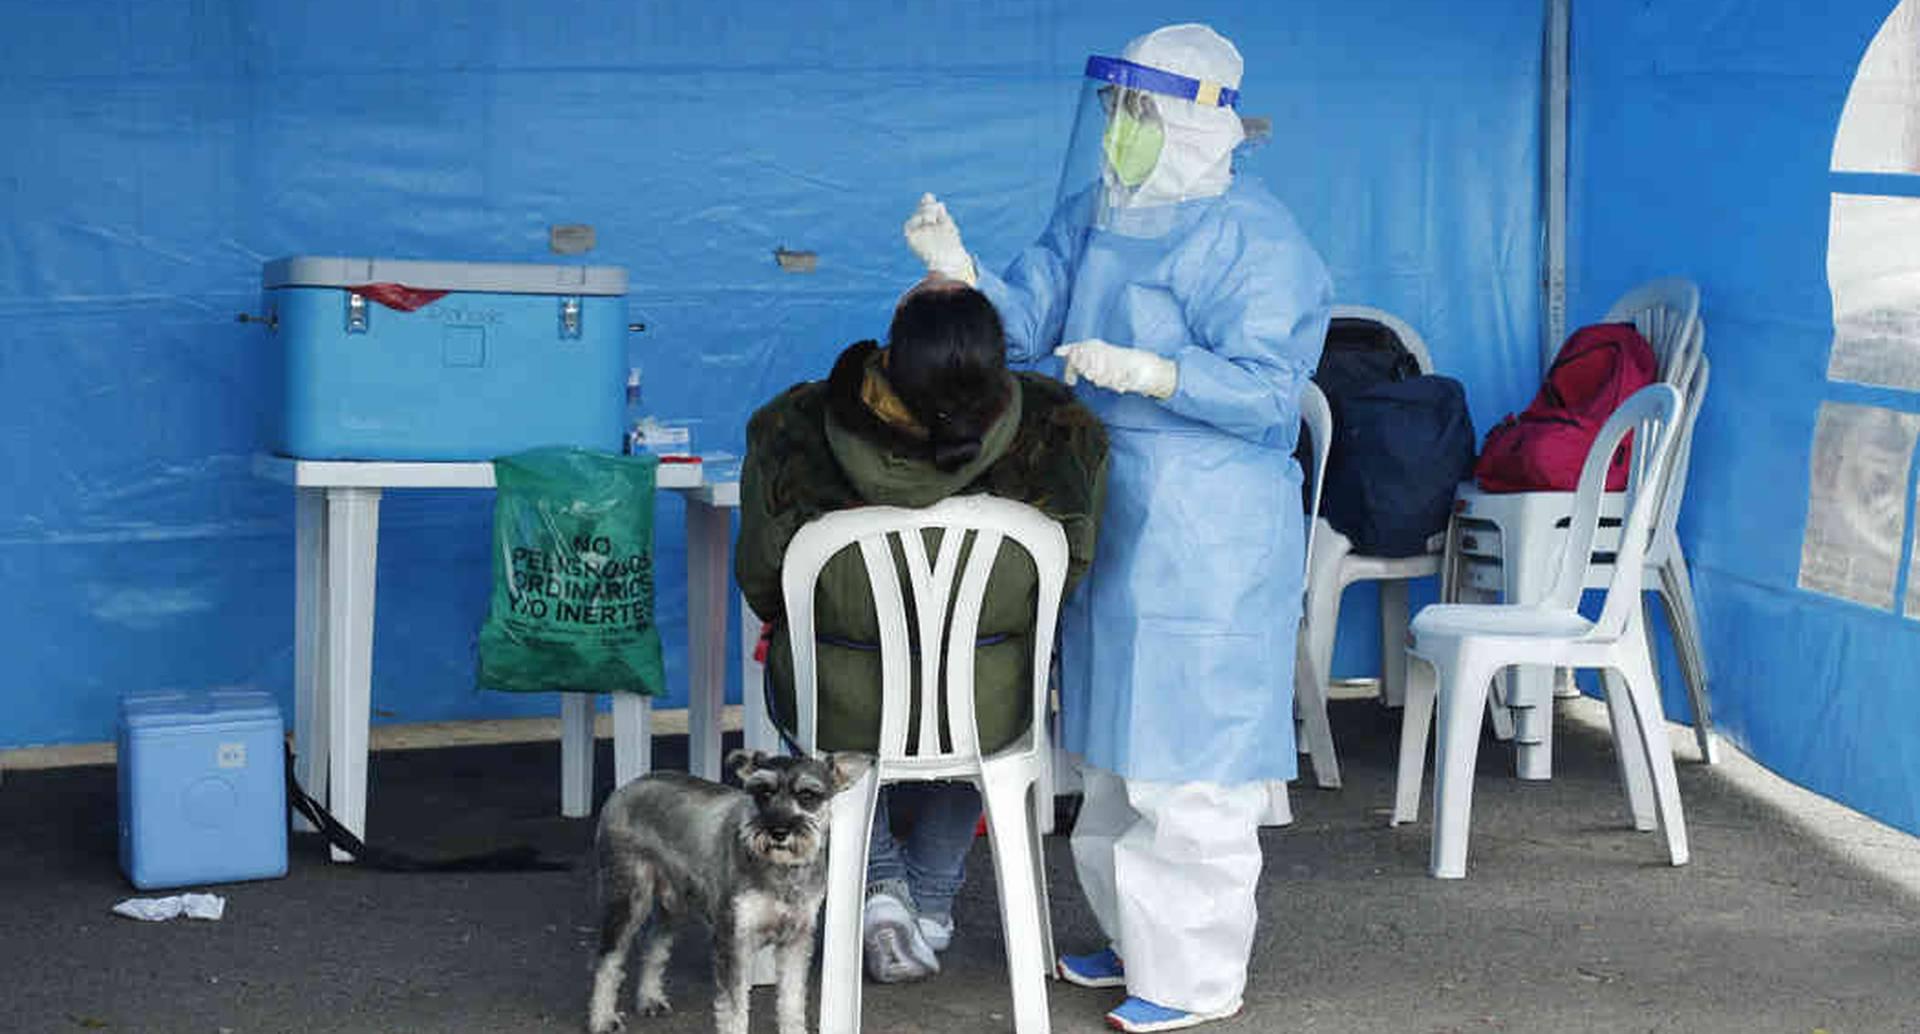 El informe analiza el comportamiento del coronavirus en 91 países durante el mes de agosto.